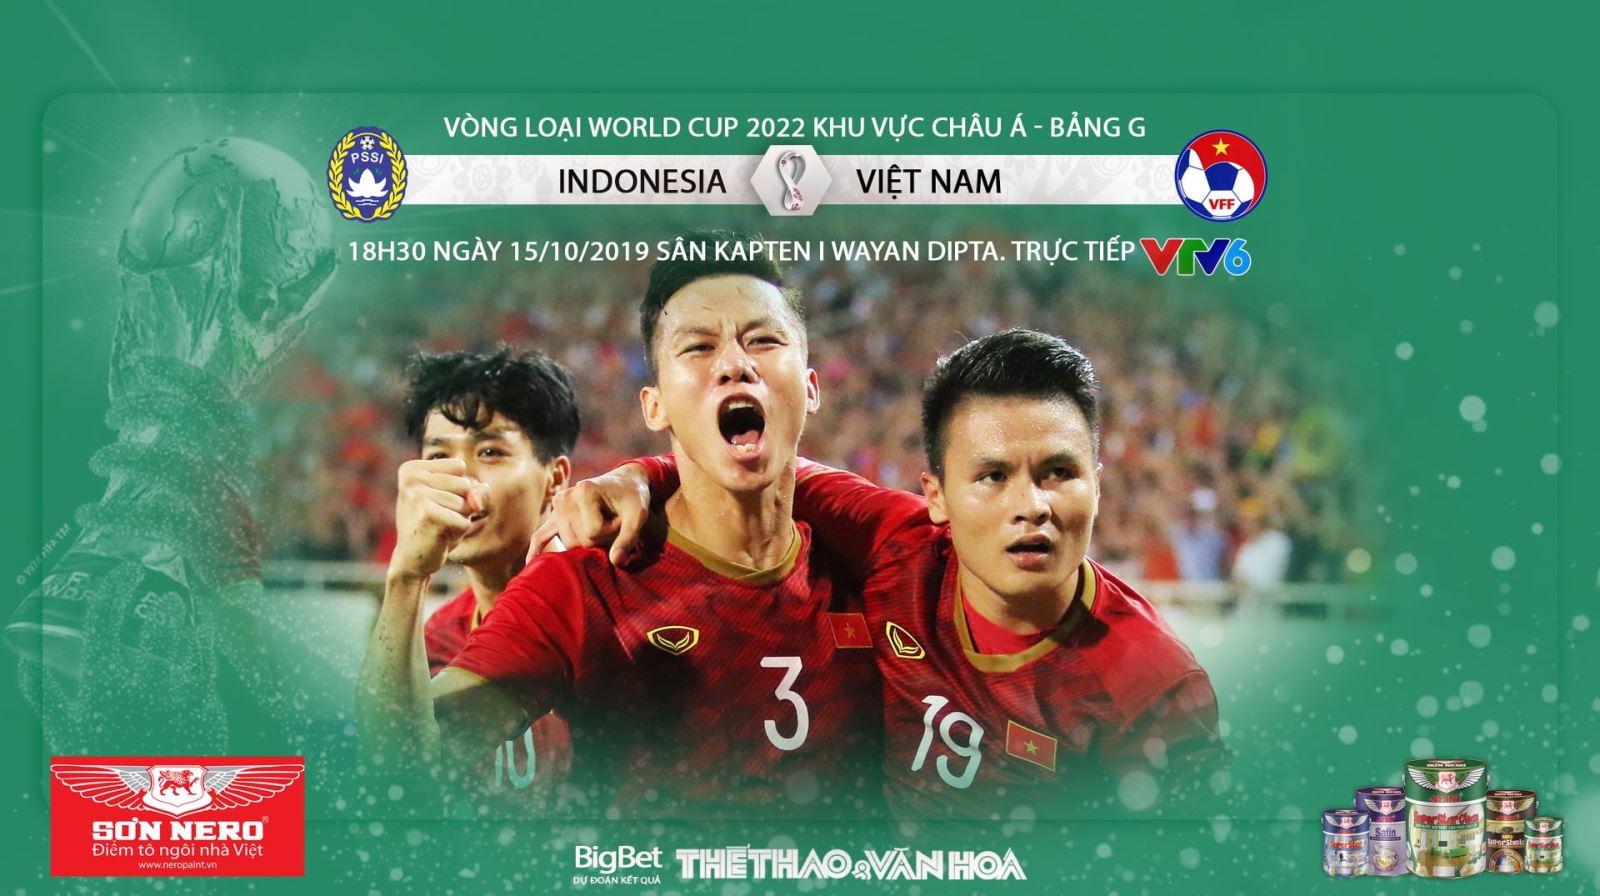 Lịch thi đấu vòng loại World Cup 2022 khu vực châu Á: Lịch bóng đá WC 2022 VN